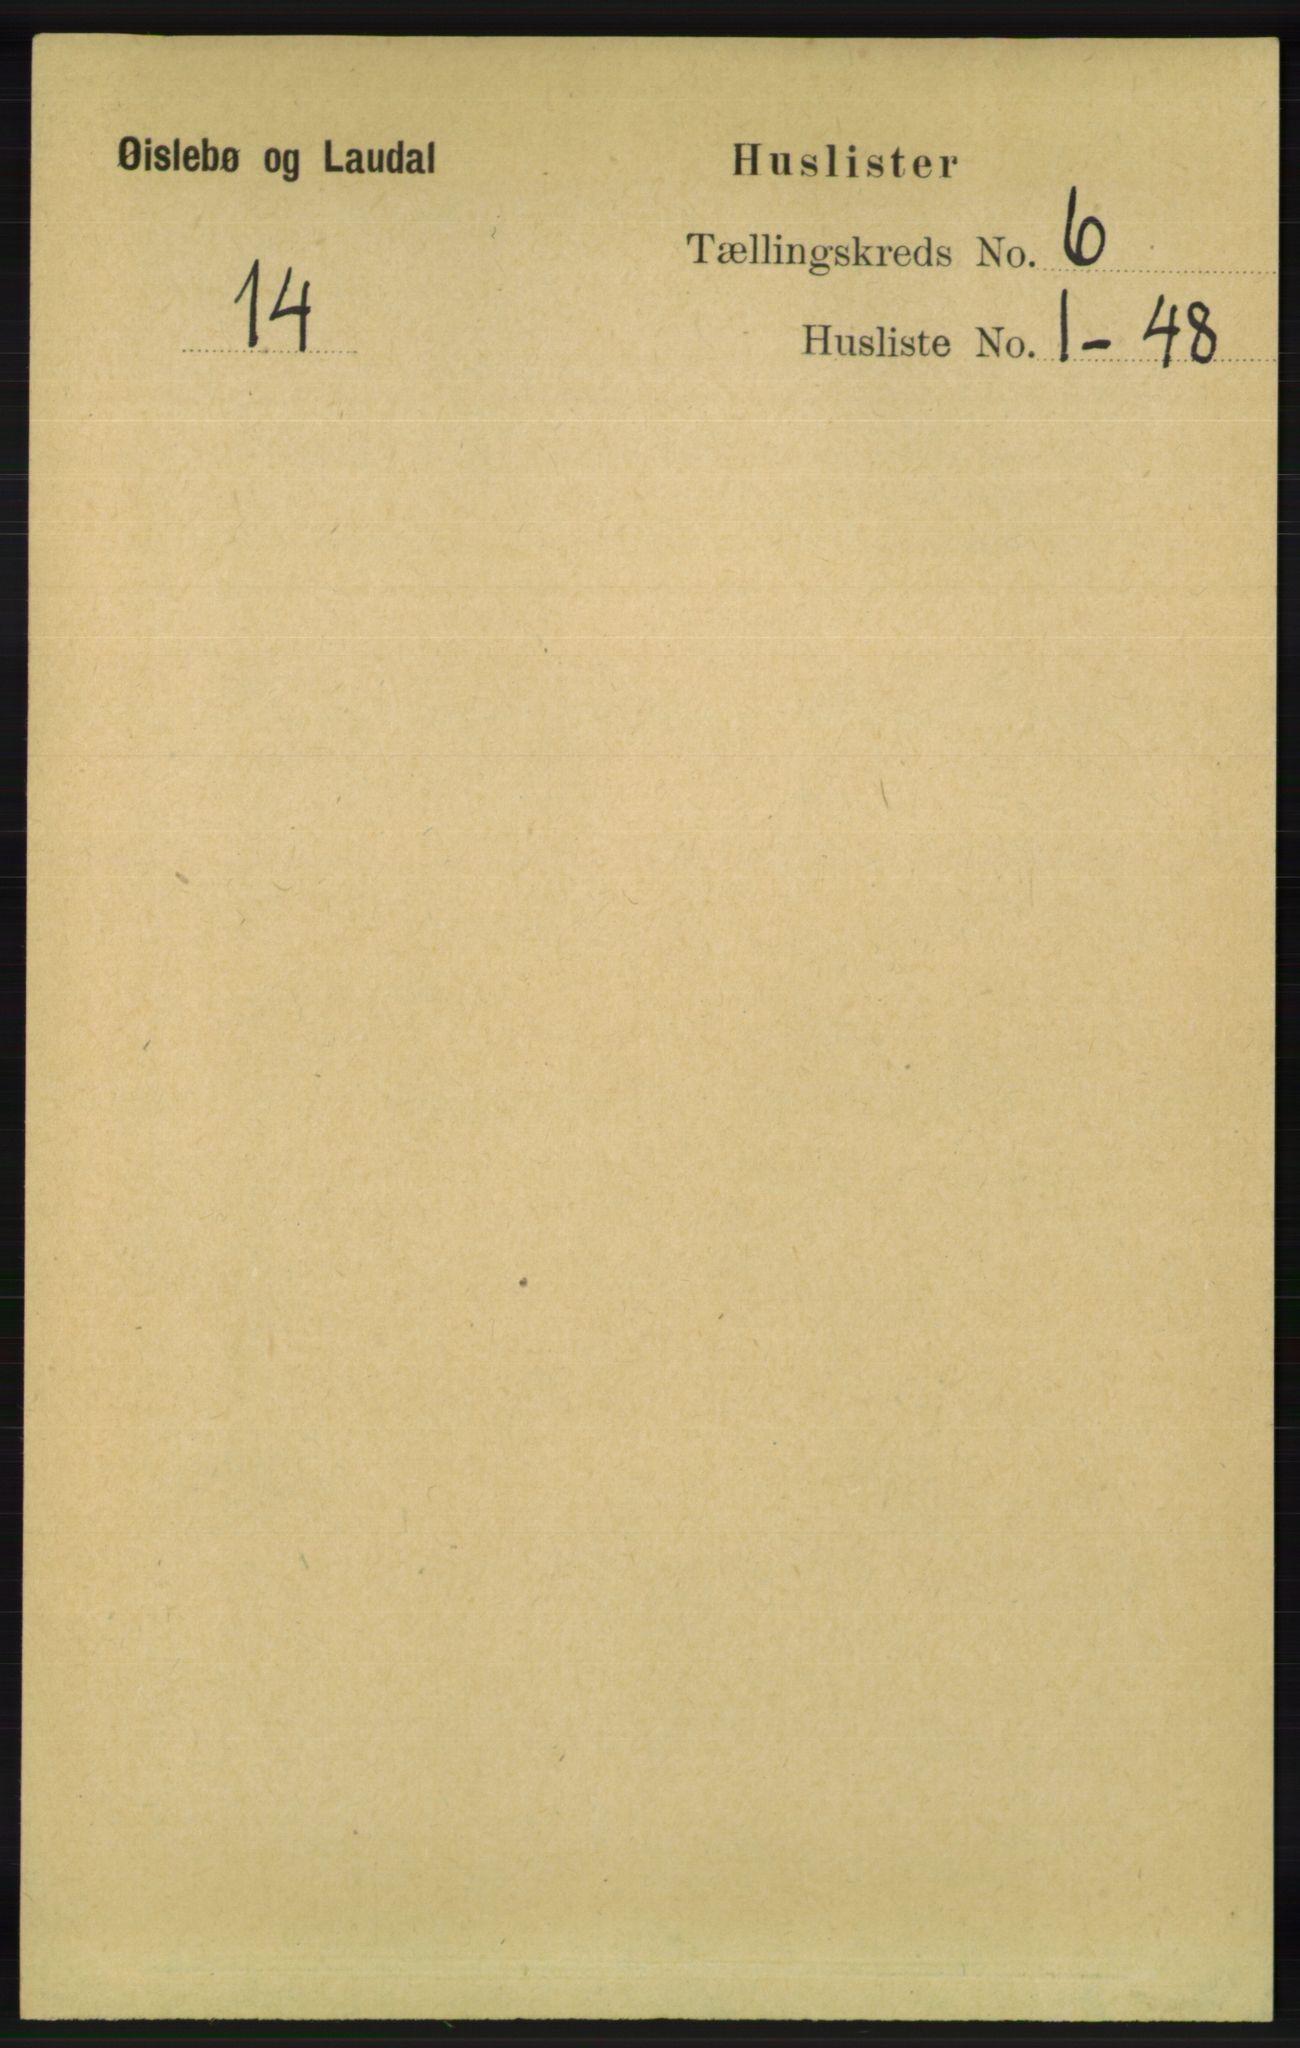 RA, Folketelling 1891 for 1021 Øyslebø og Laudal herred, 1891, s. 1643